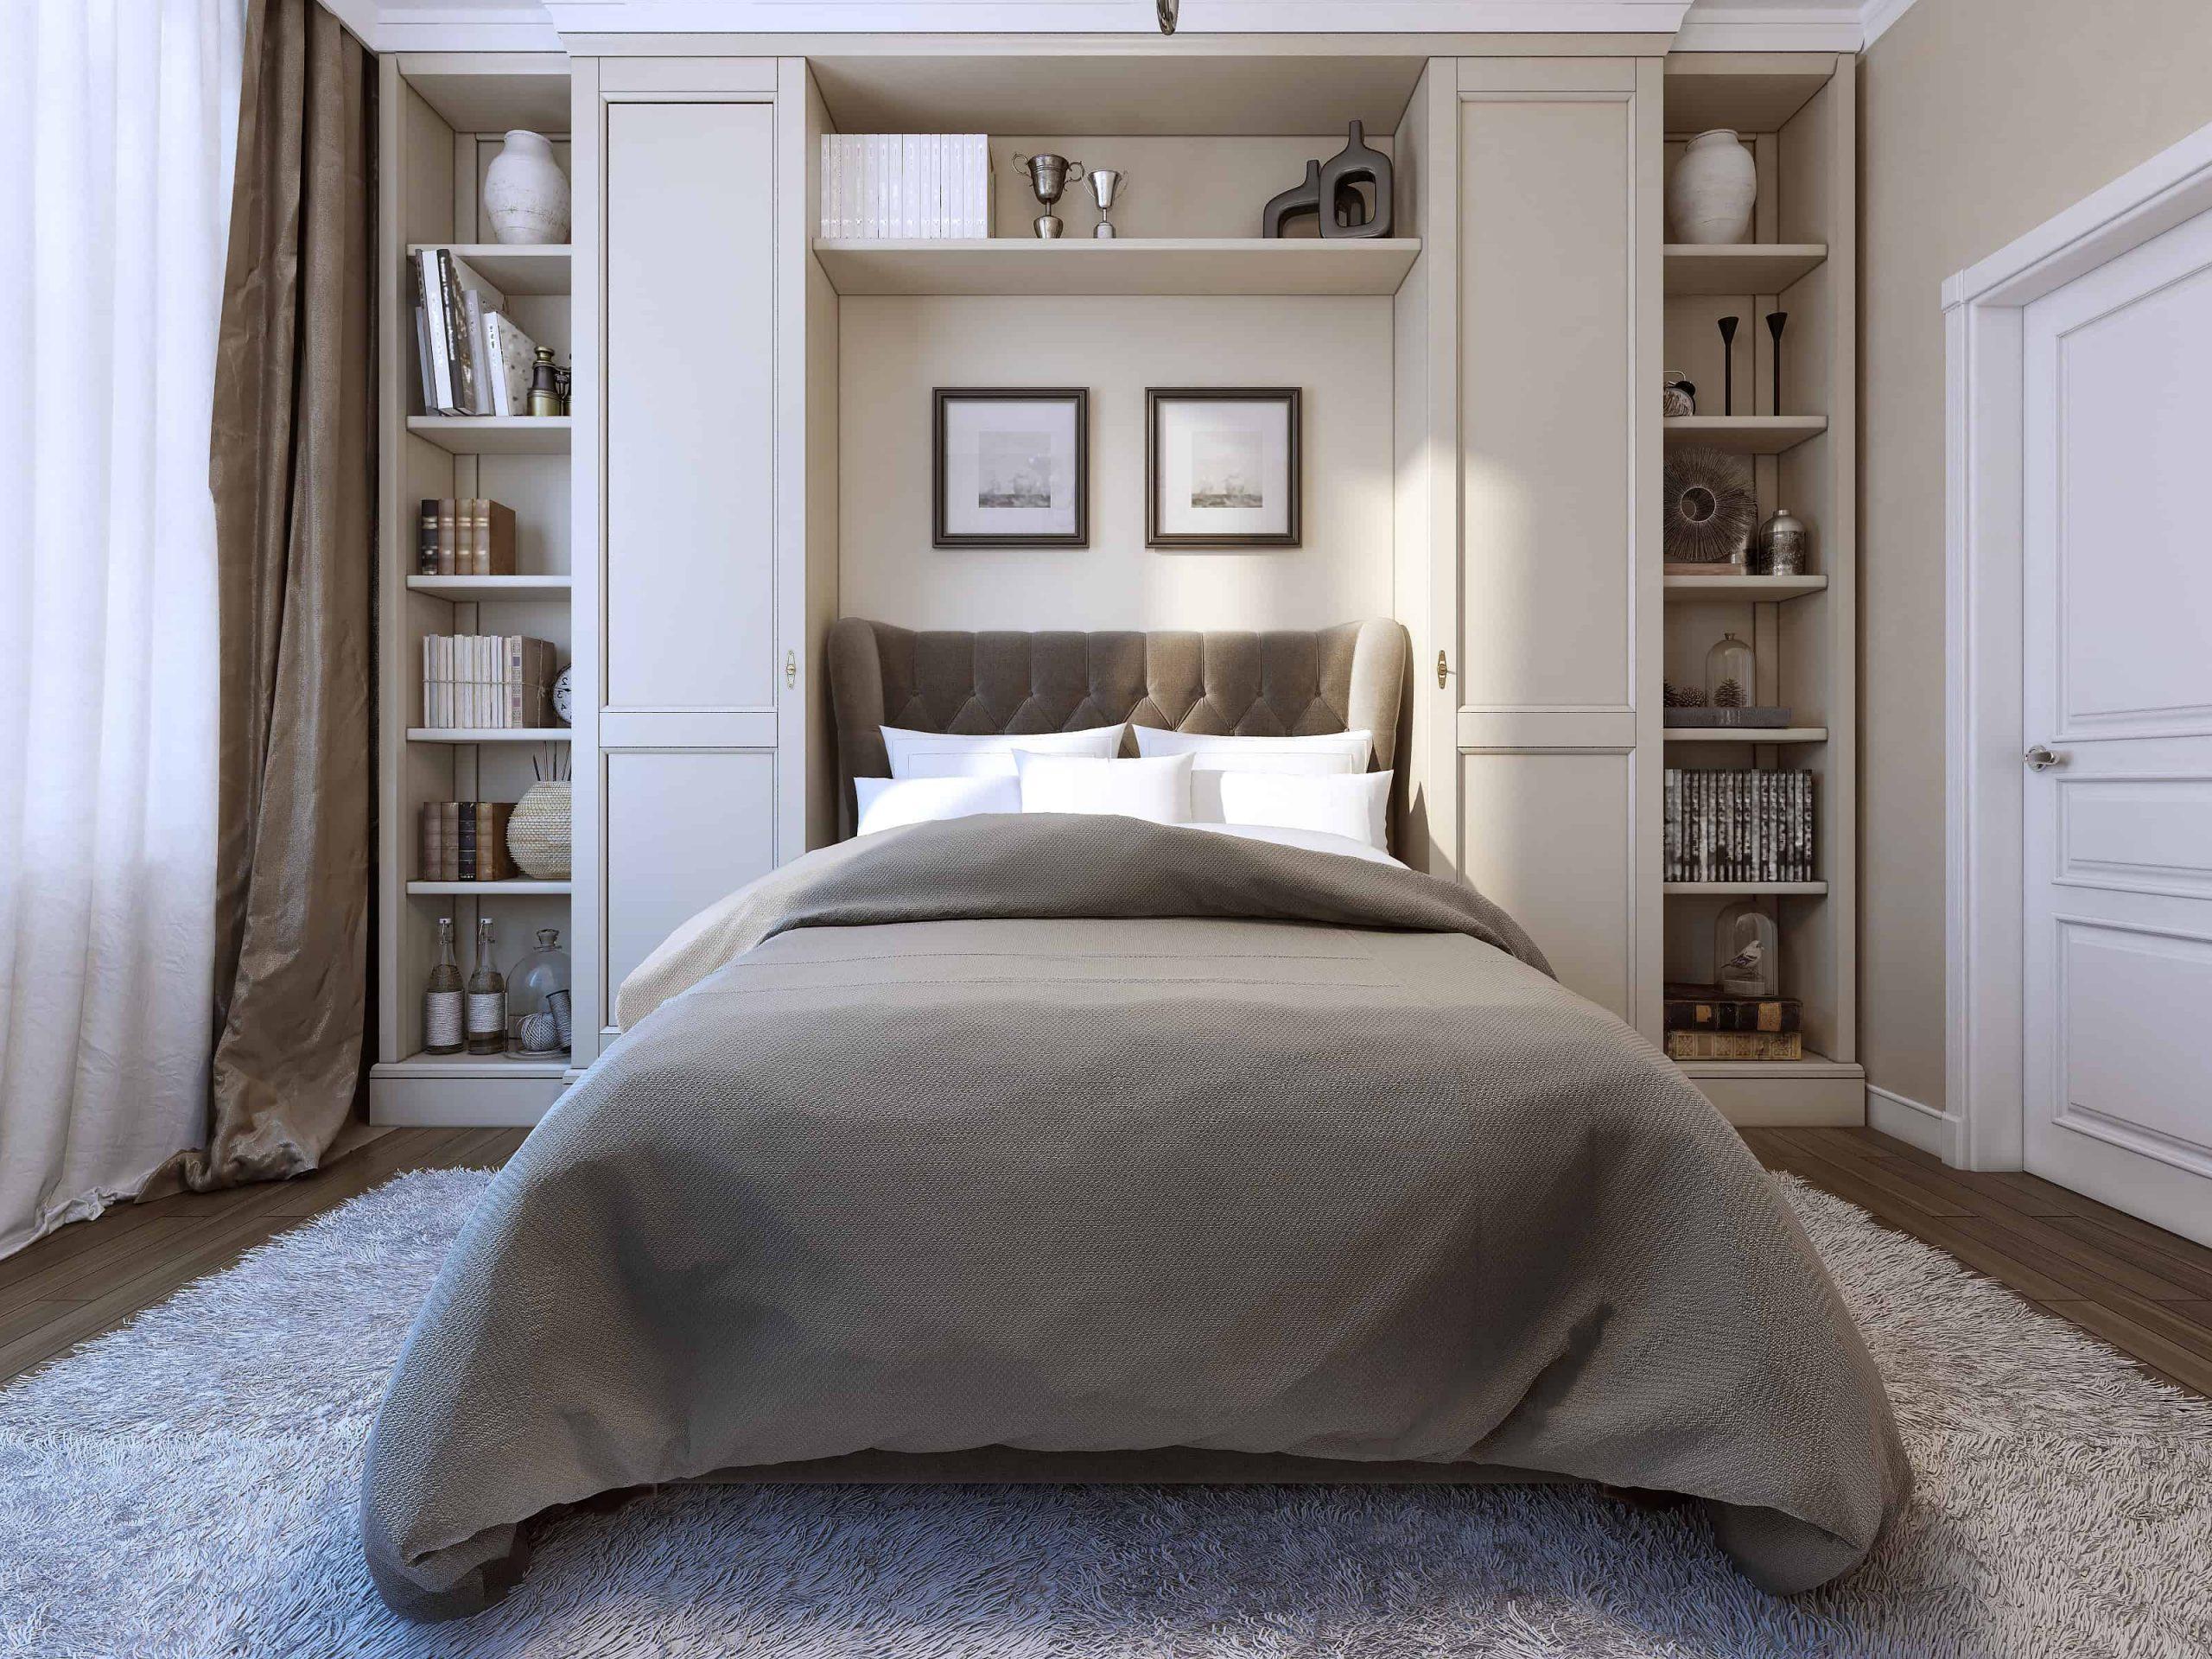 Full Size of Schlafzimmerschränke Schlafzimmerschrank Test Empfehlungen 05 20 Wohnzimmer Schlafzimmerschränke